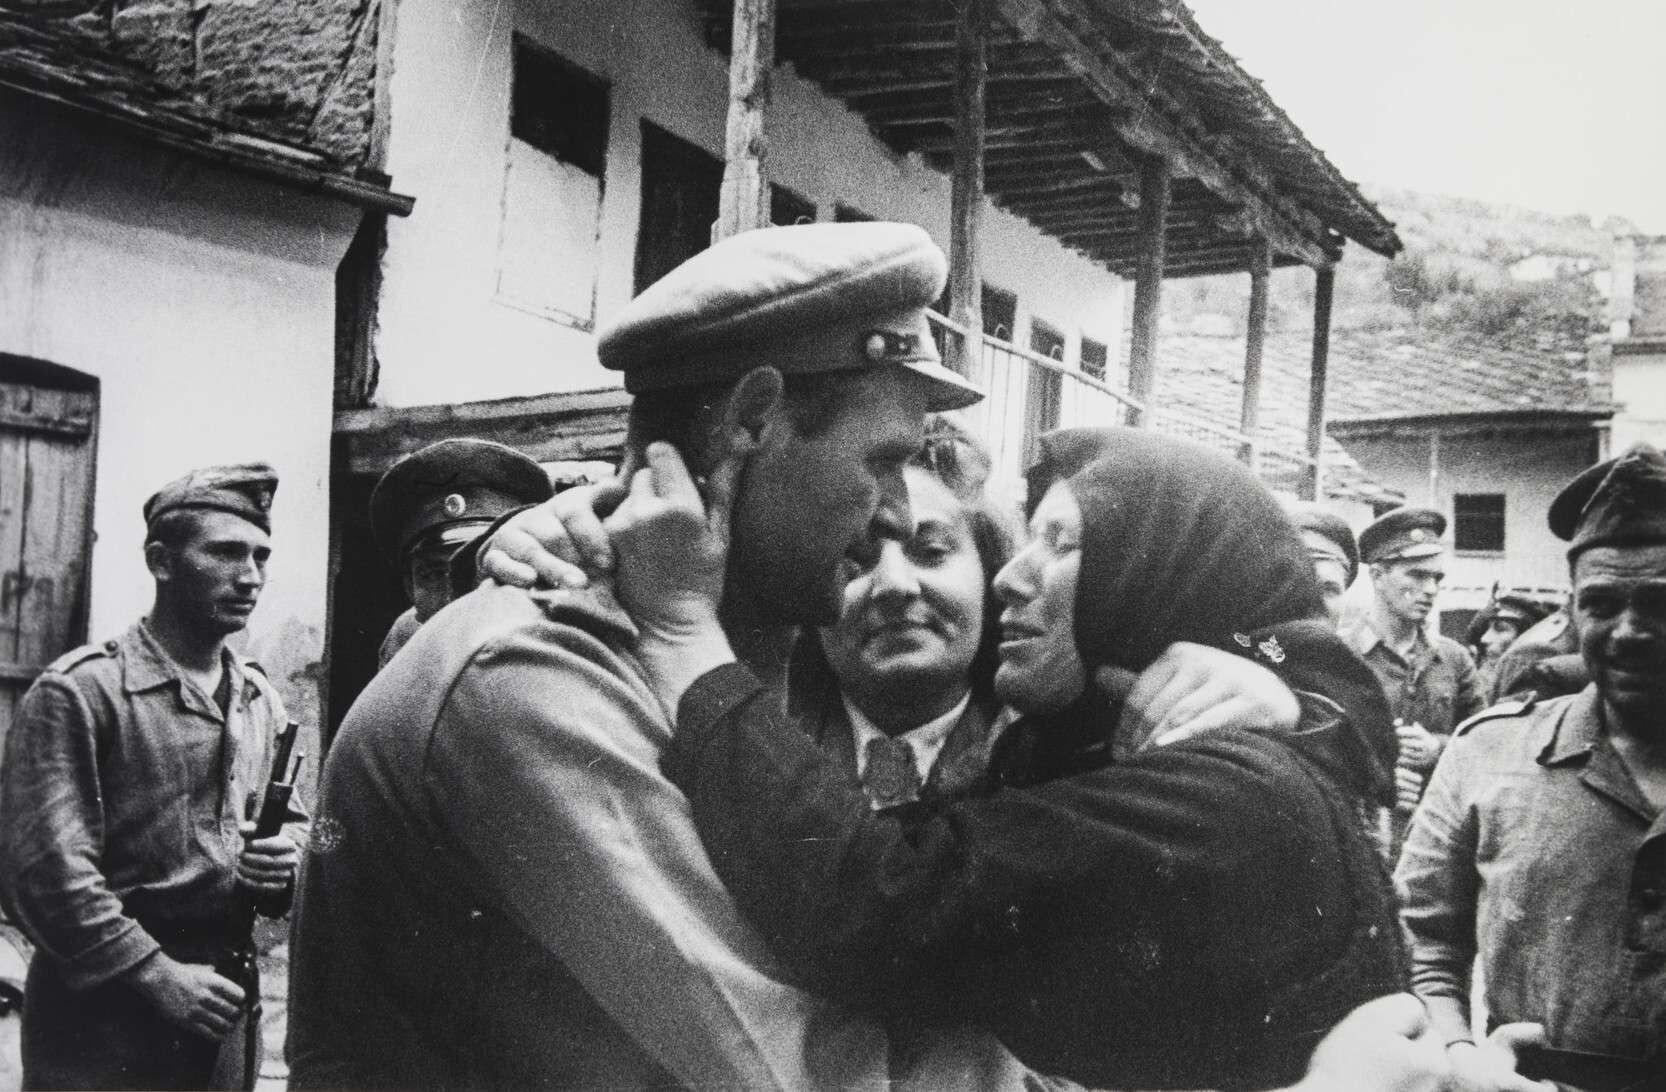 Евгений Халдей.    Болгарские партизаны   Болгария, 1944